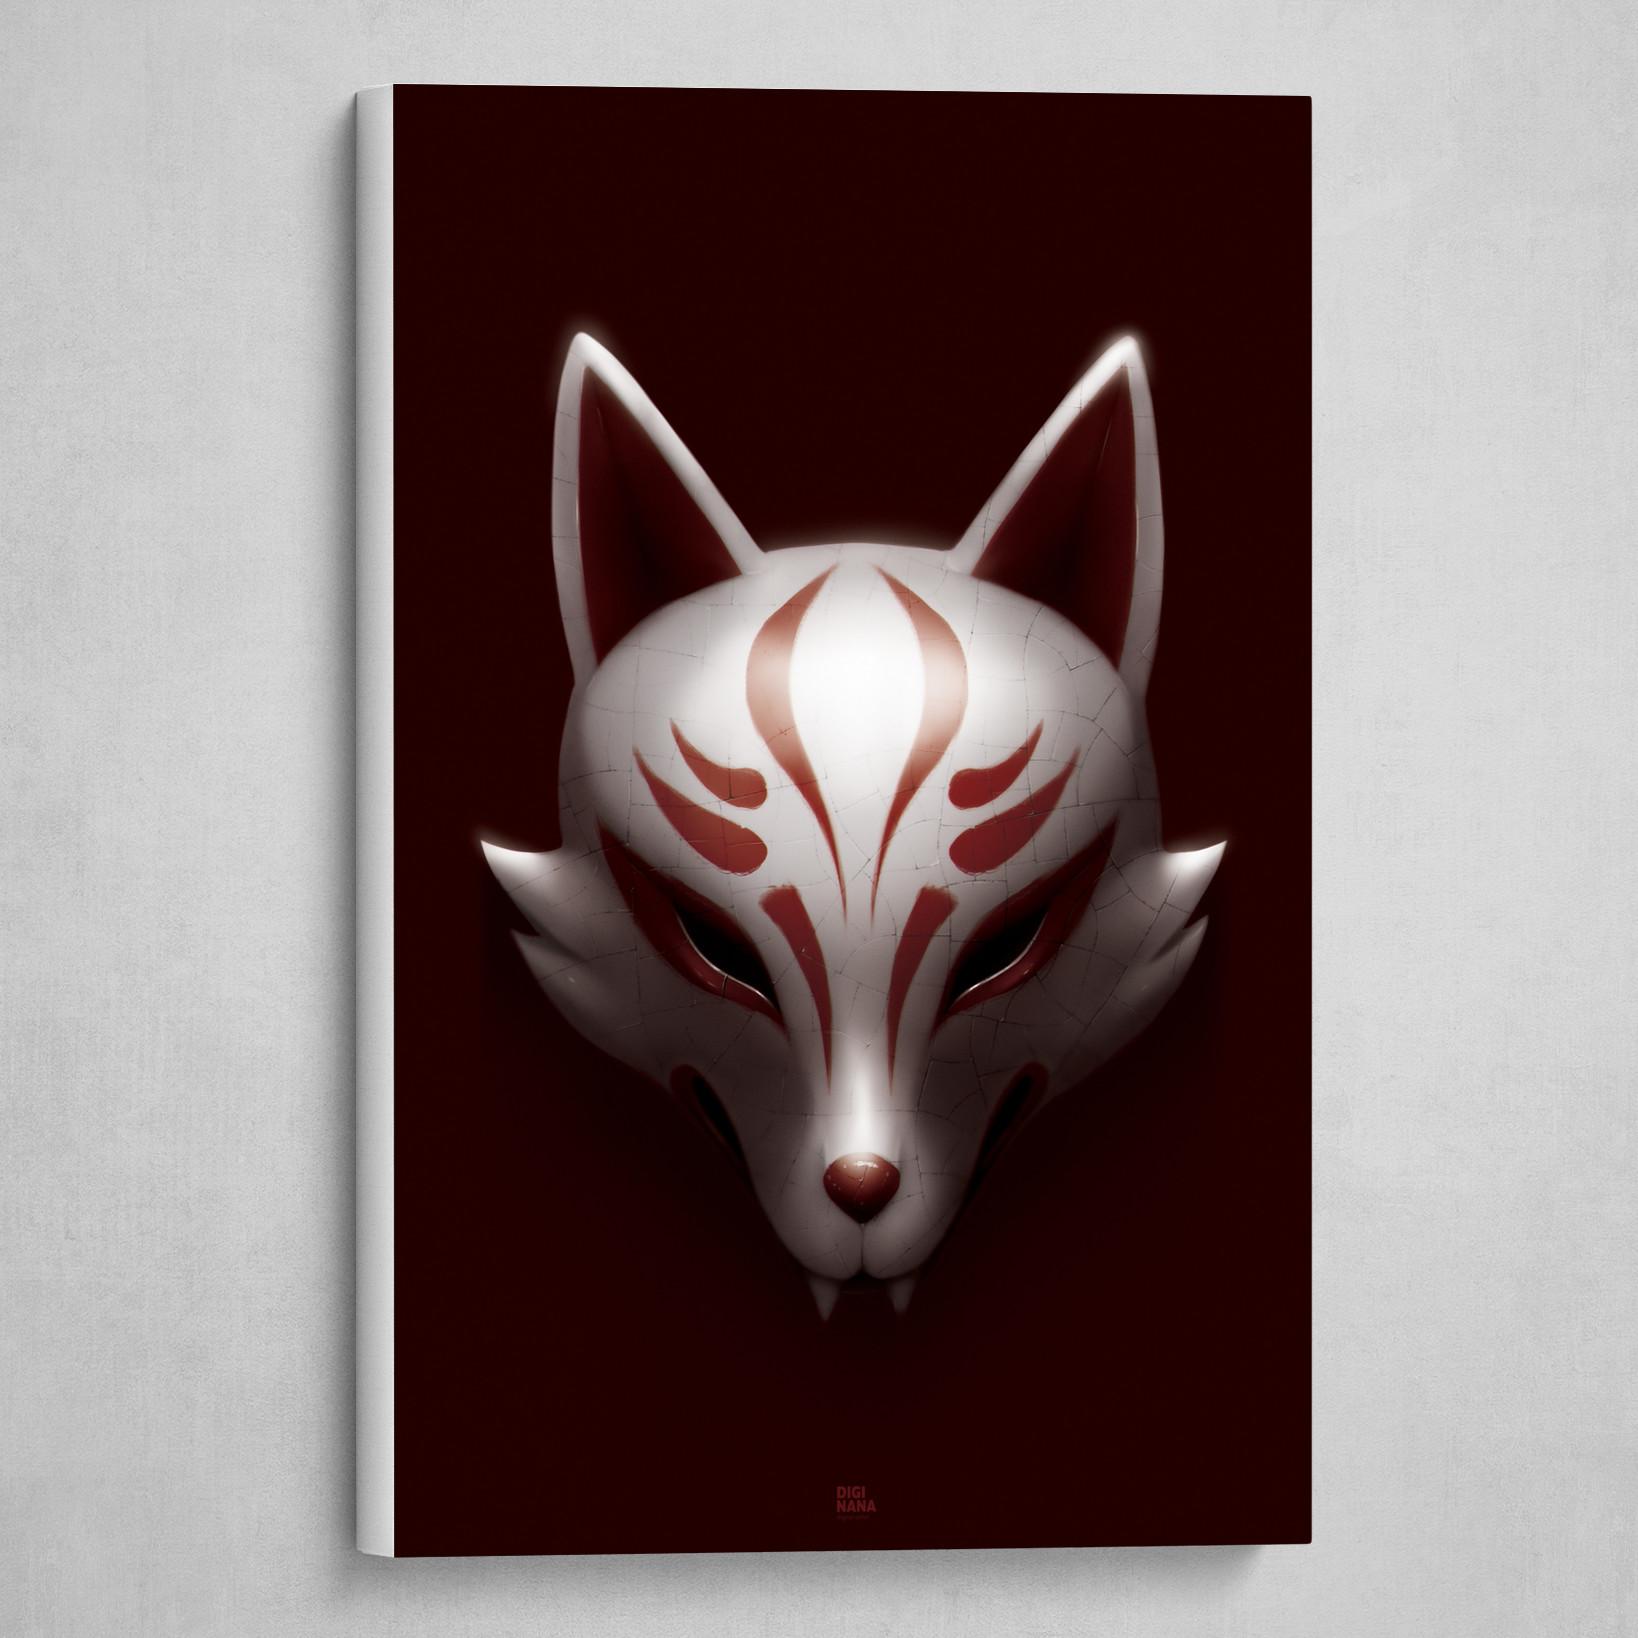 Kitsune - 狐